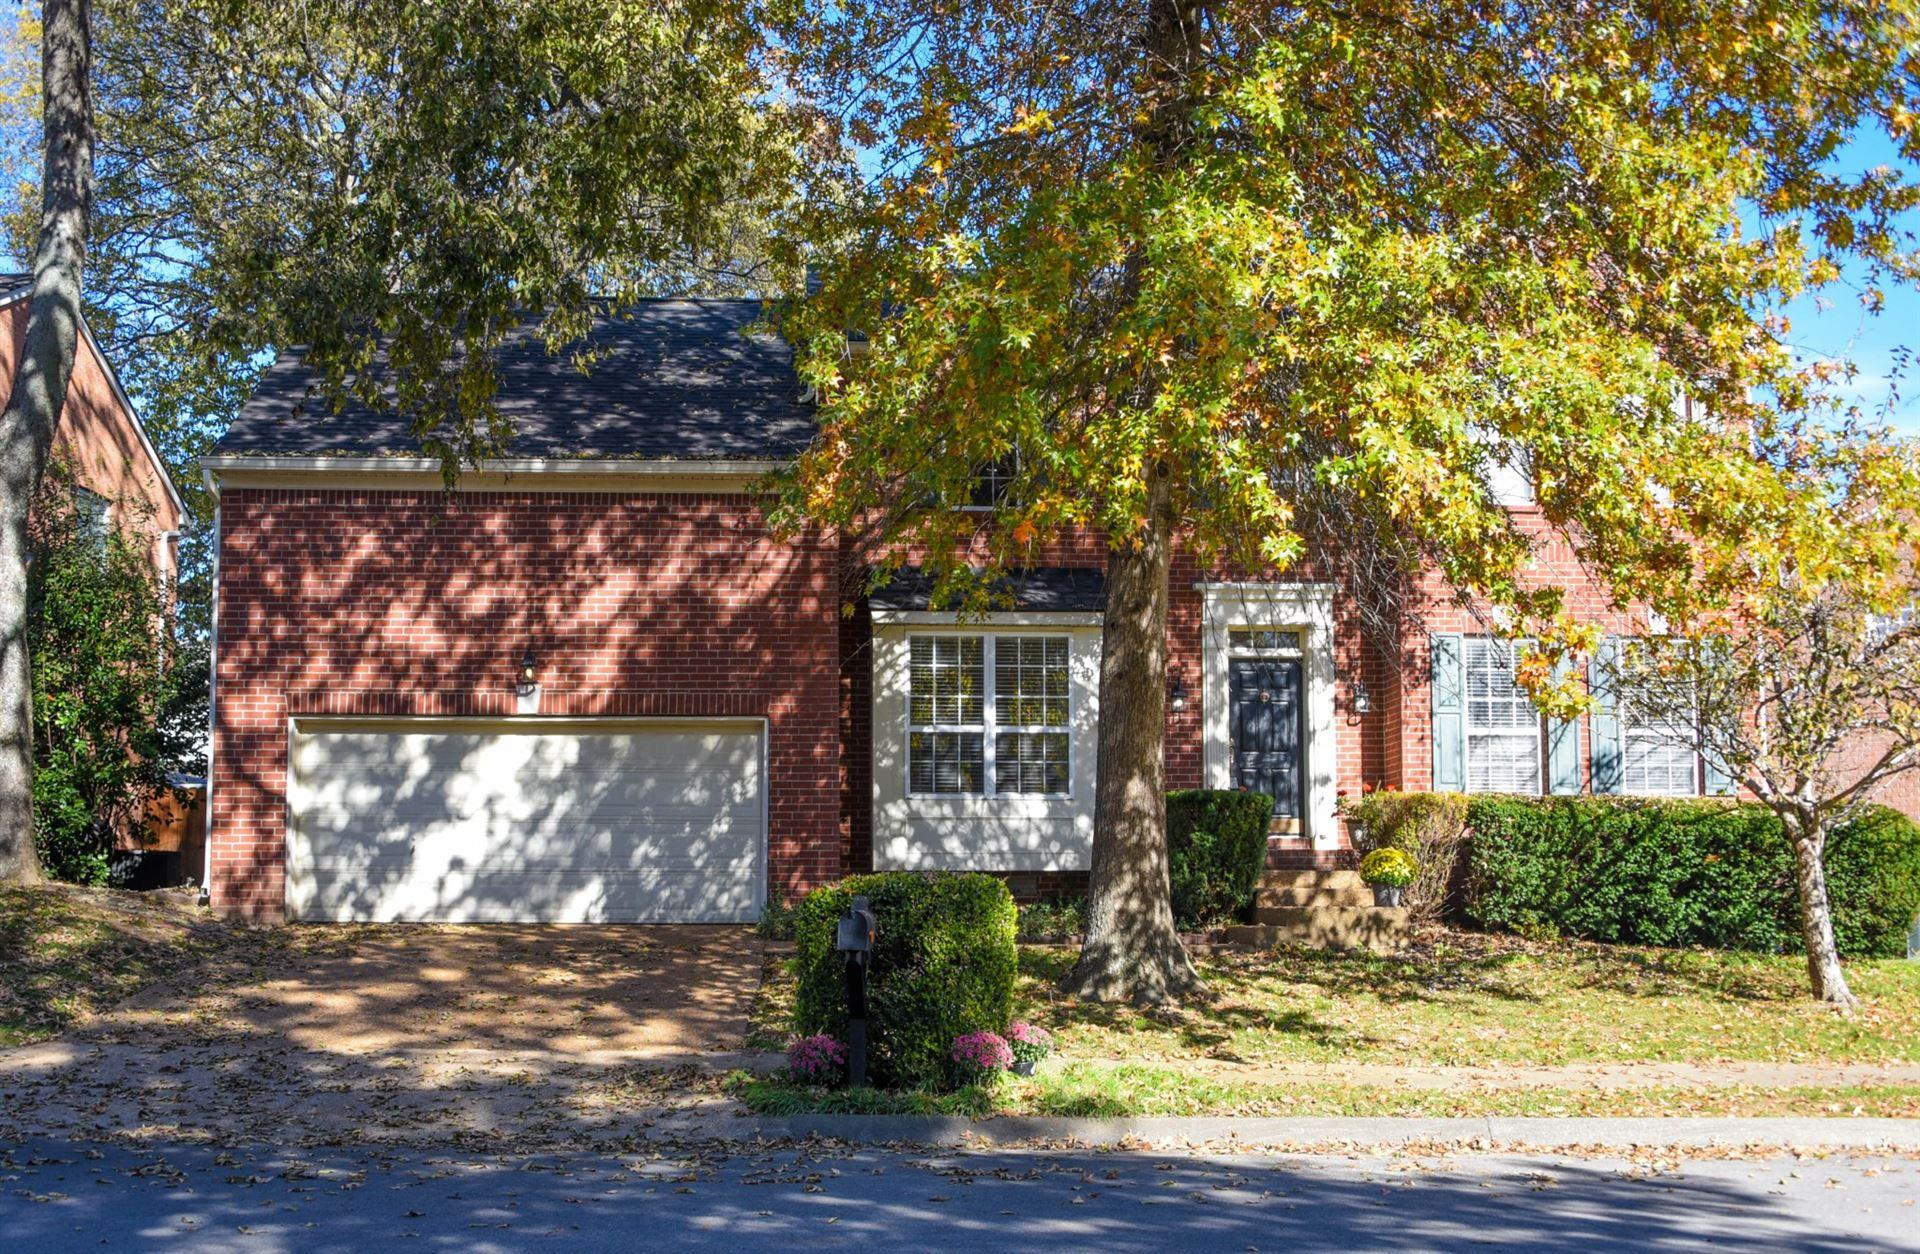 Photo of 202 Wynbrook Ct, Franklin, TN 37064 (MLS # 2300939)